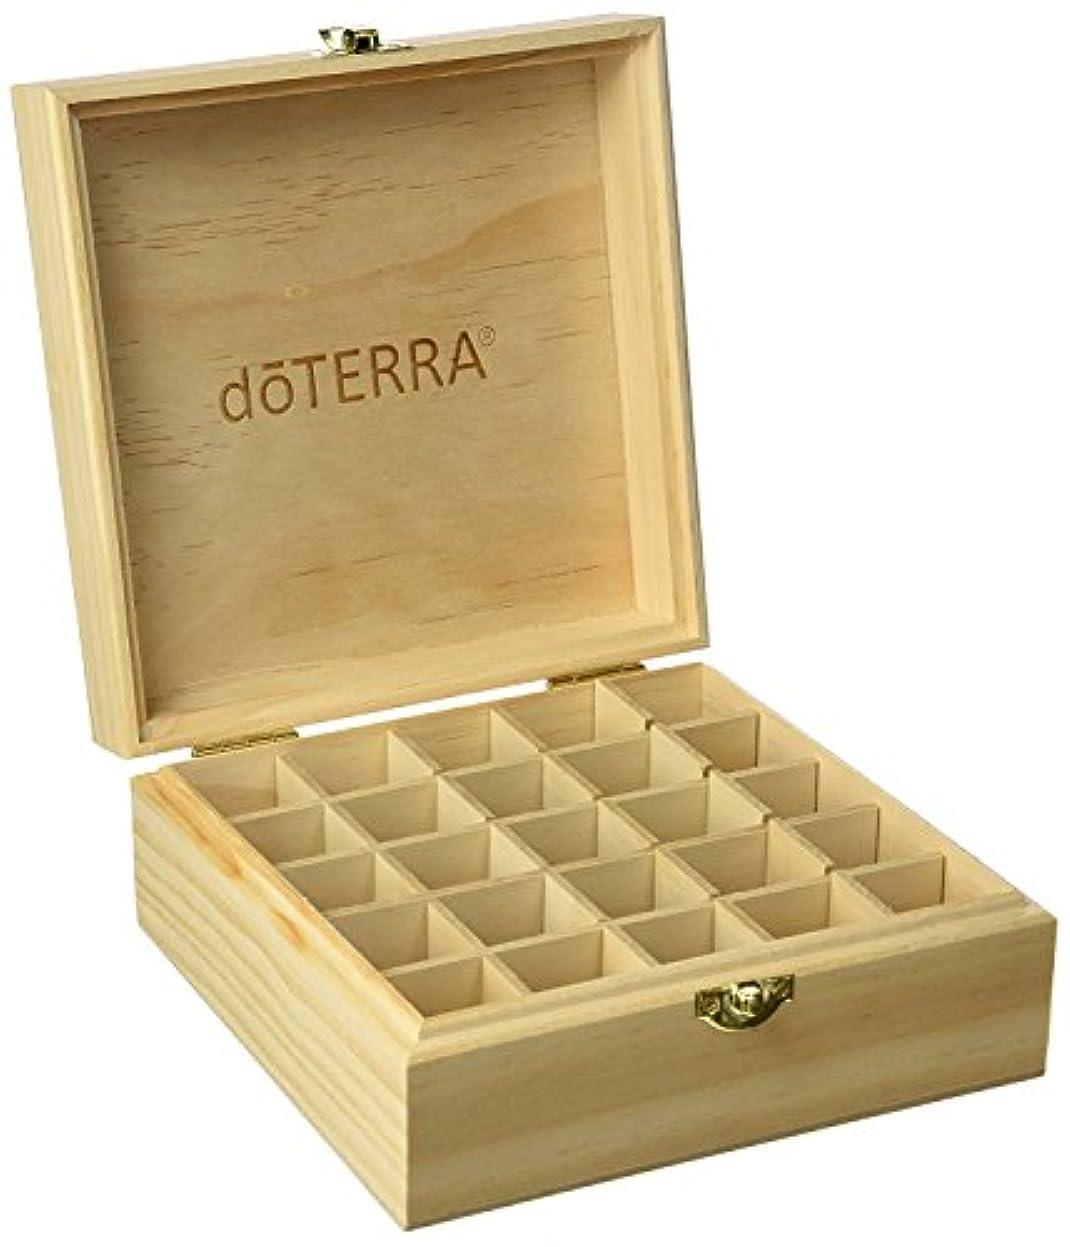 代理店ルー足音エッセンシャルオイル収納ボックス25本用 エッセンシャルオイルボックス 20 mlのボトルを15 mlのための25のブロックによって木製のキャビネット